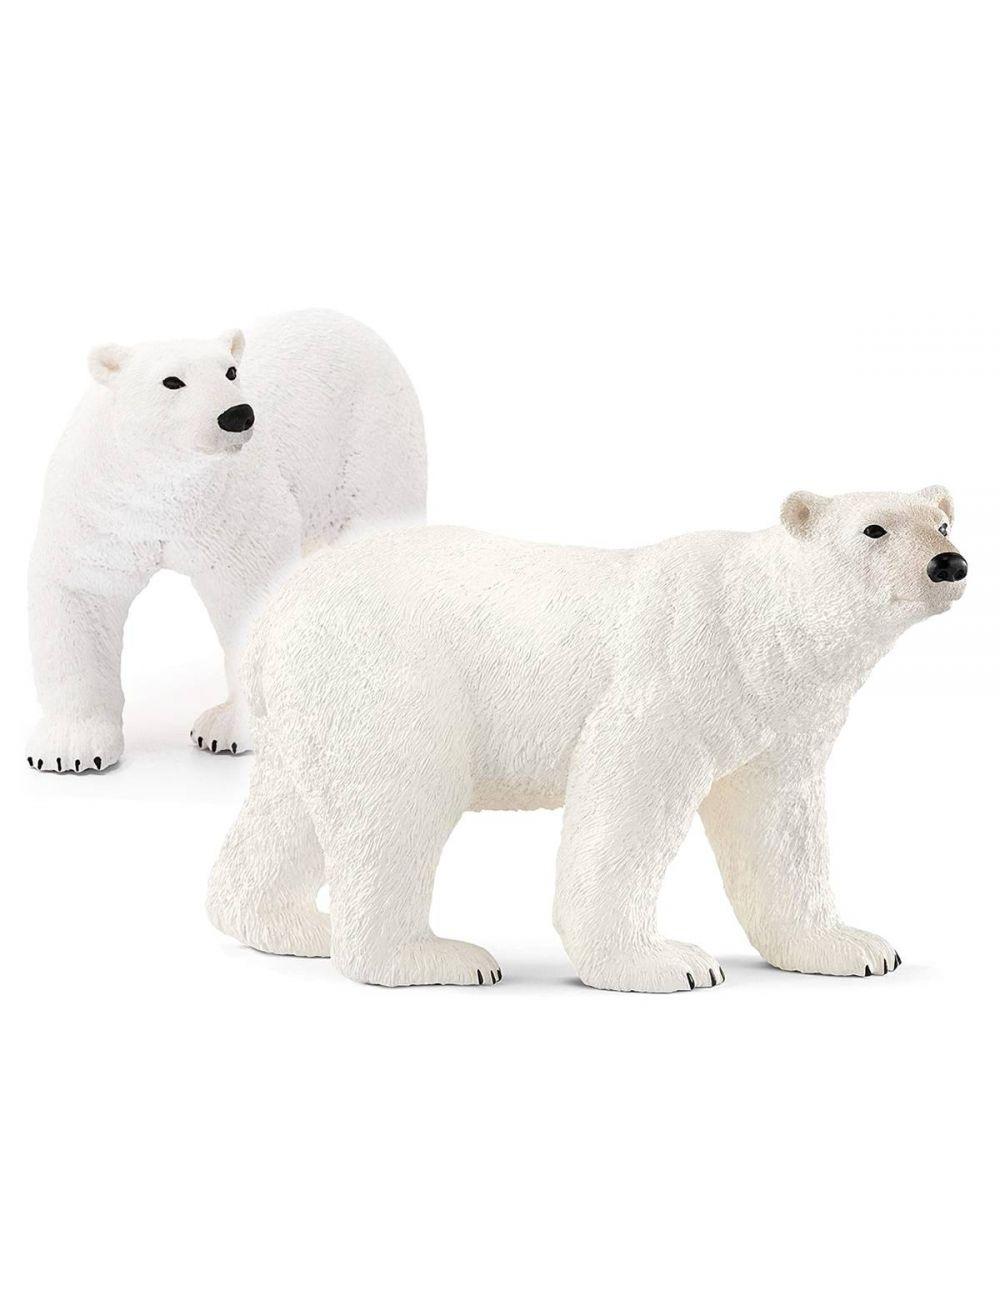 Schleich 14800 Niedźwiedź Polarny